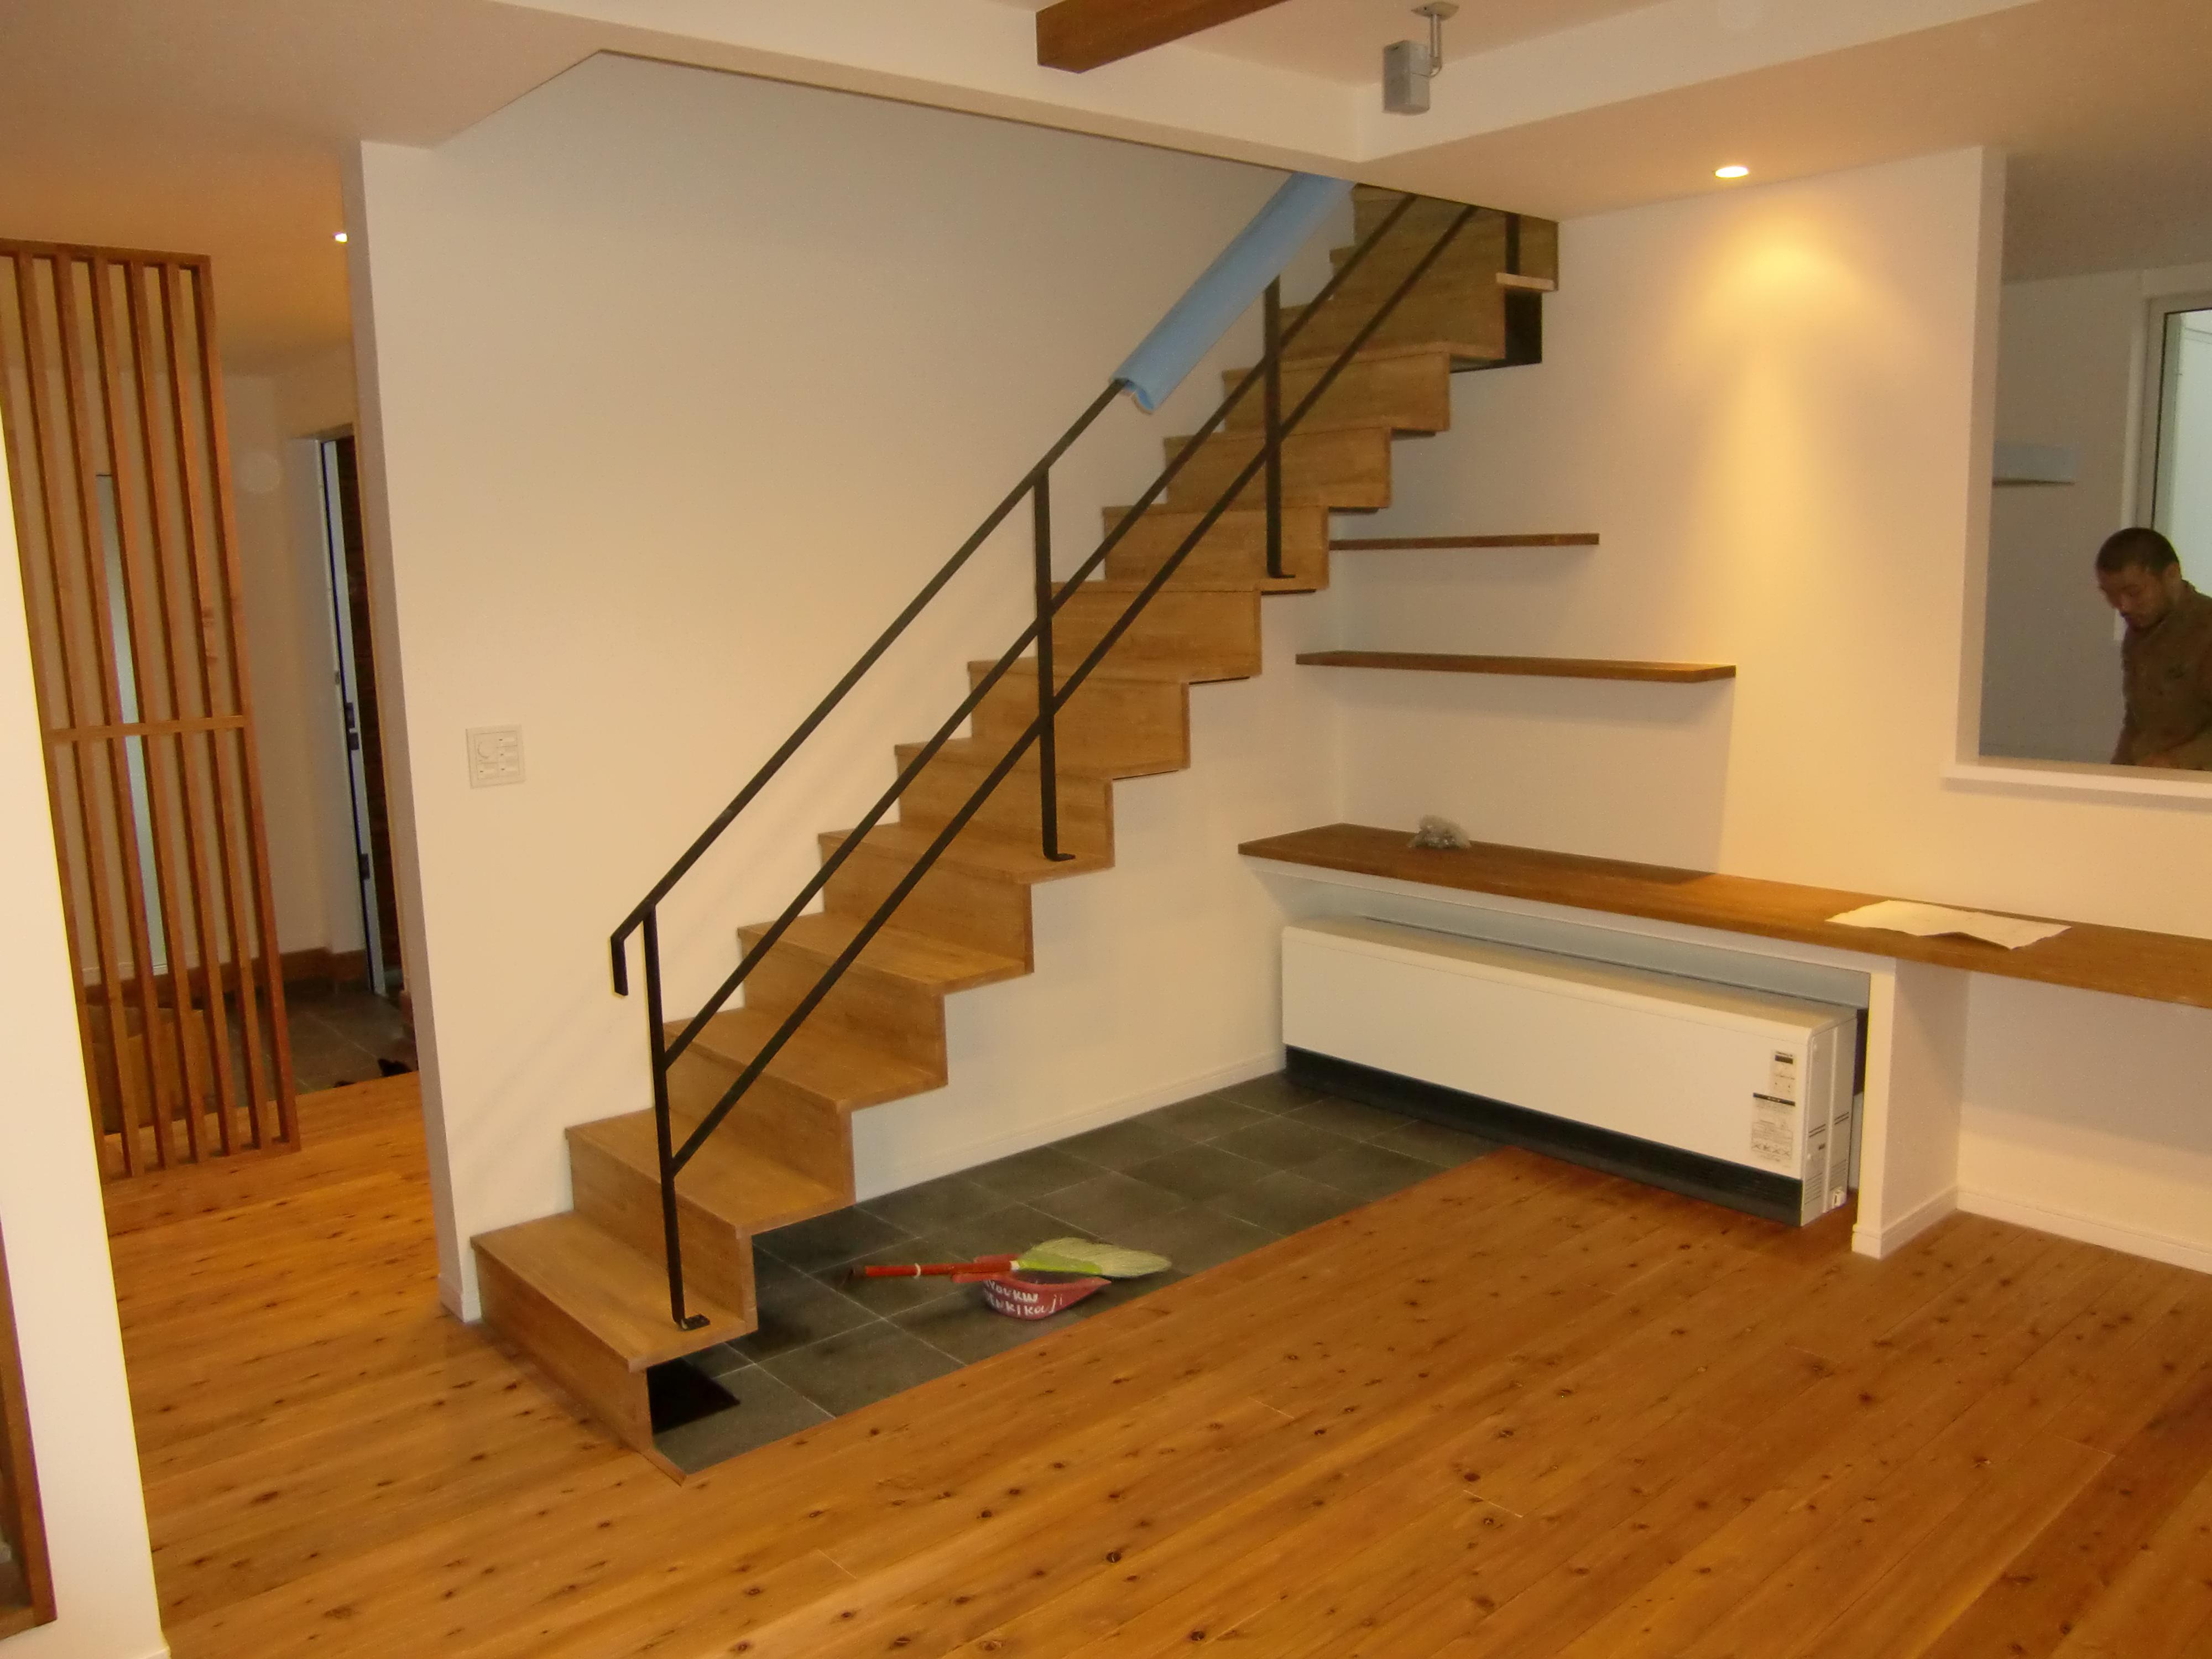 ササラ板のないデザイン鉄骨階段